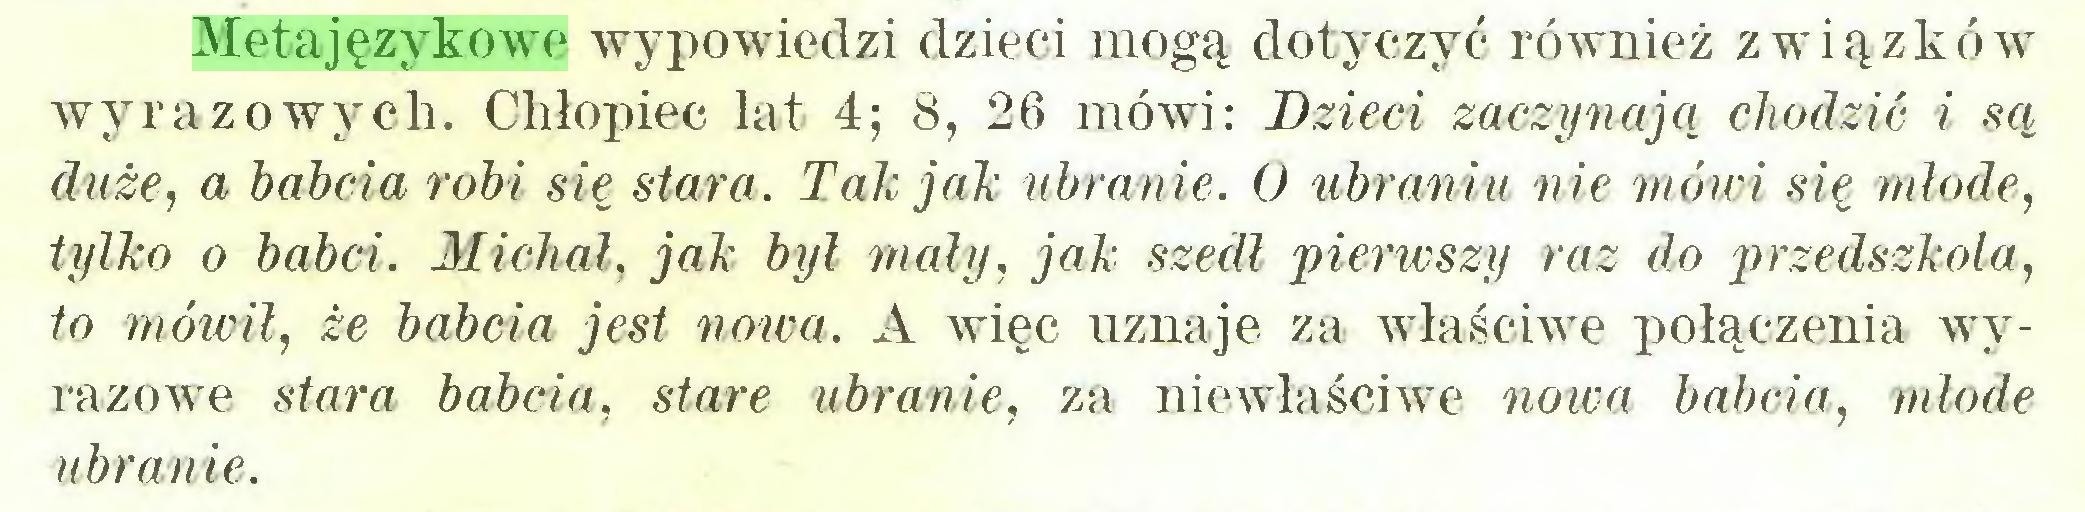 (...) Metajęzykowe wypowiedzi dzieci mogą dotyczyć również związków wyrazowych. Chłopiec lat 4; 8, 26 mówi: Dzieci zaczynają chodzić i są duże, a babcia robi się stara. Tak jak ubranie. O ubraniu nie mówi się młode, tylko o babci. Michał, jak był mały, jak szedł pierwszy raz do przedszkola, to mówił, że babcia jest nowa. A więc uznaje za właściwe połączenia wyrazowe stara babcia, stare ubranie, za niewłaściwe nowa babcia, młode ubranie...